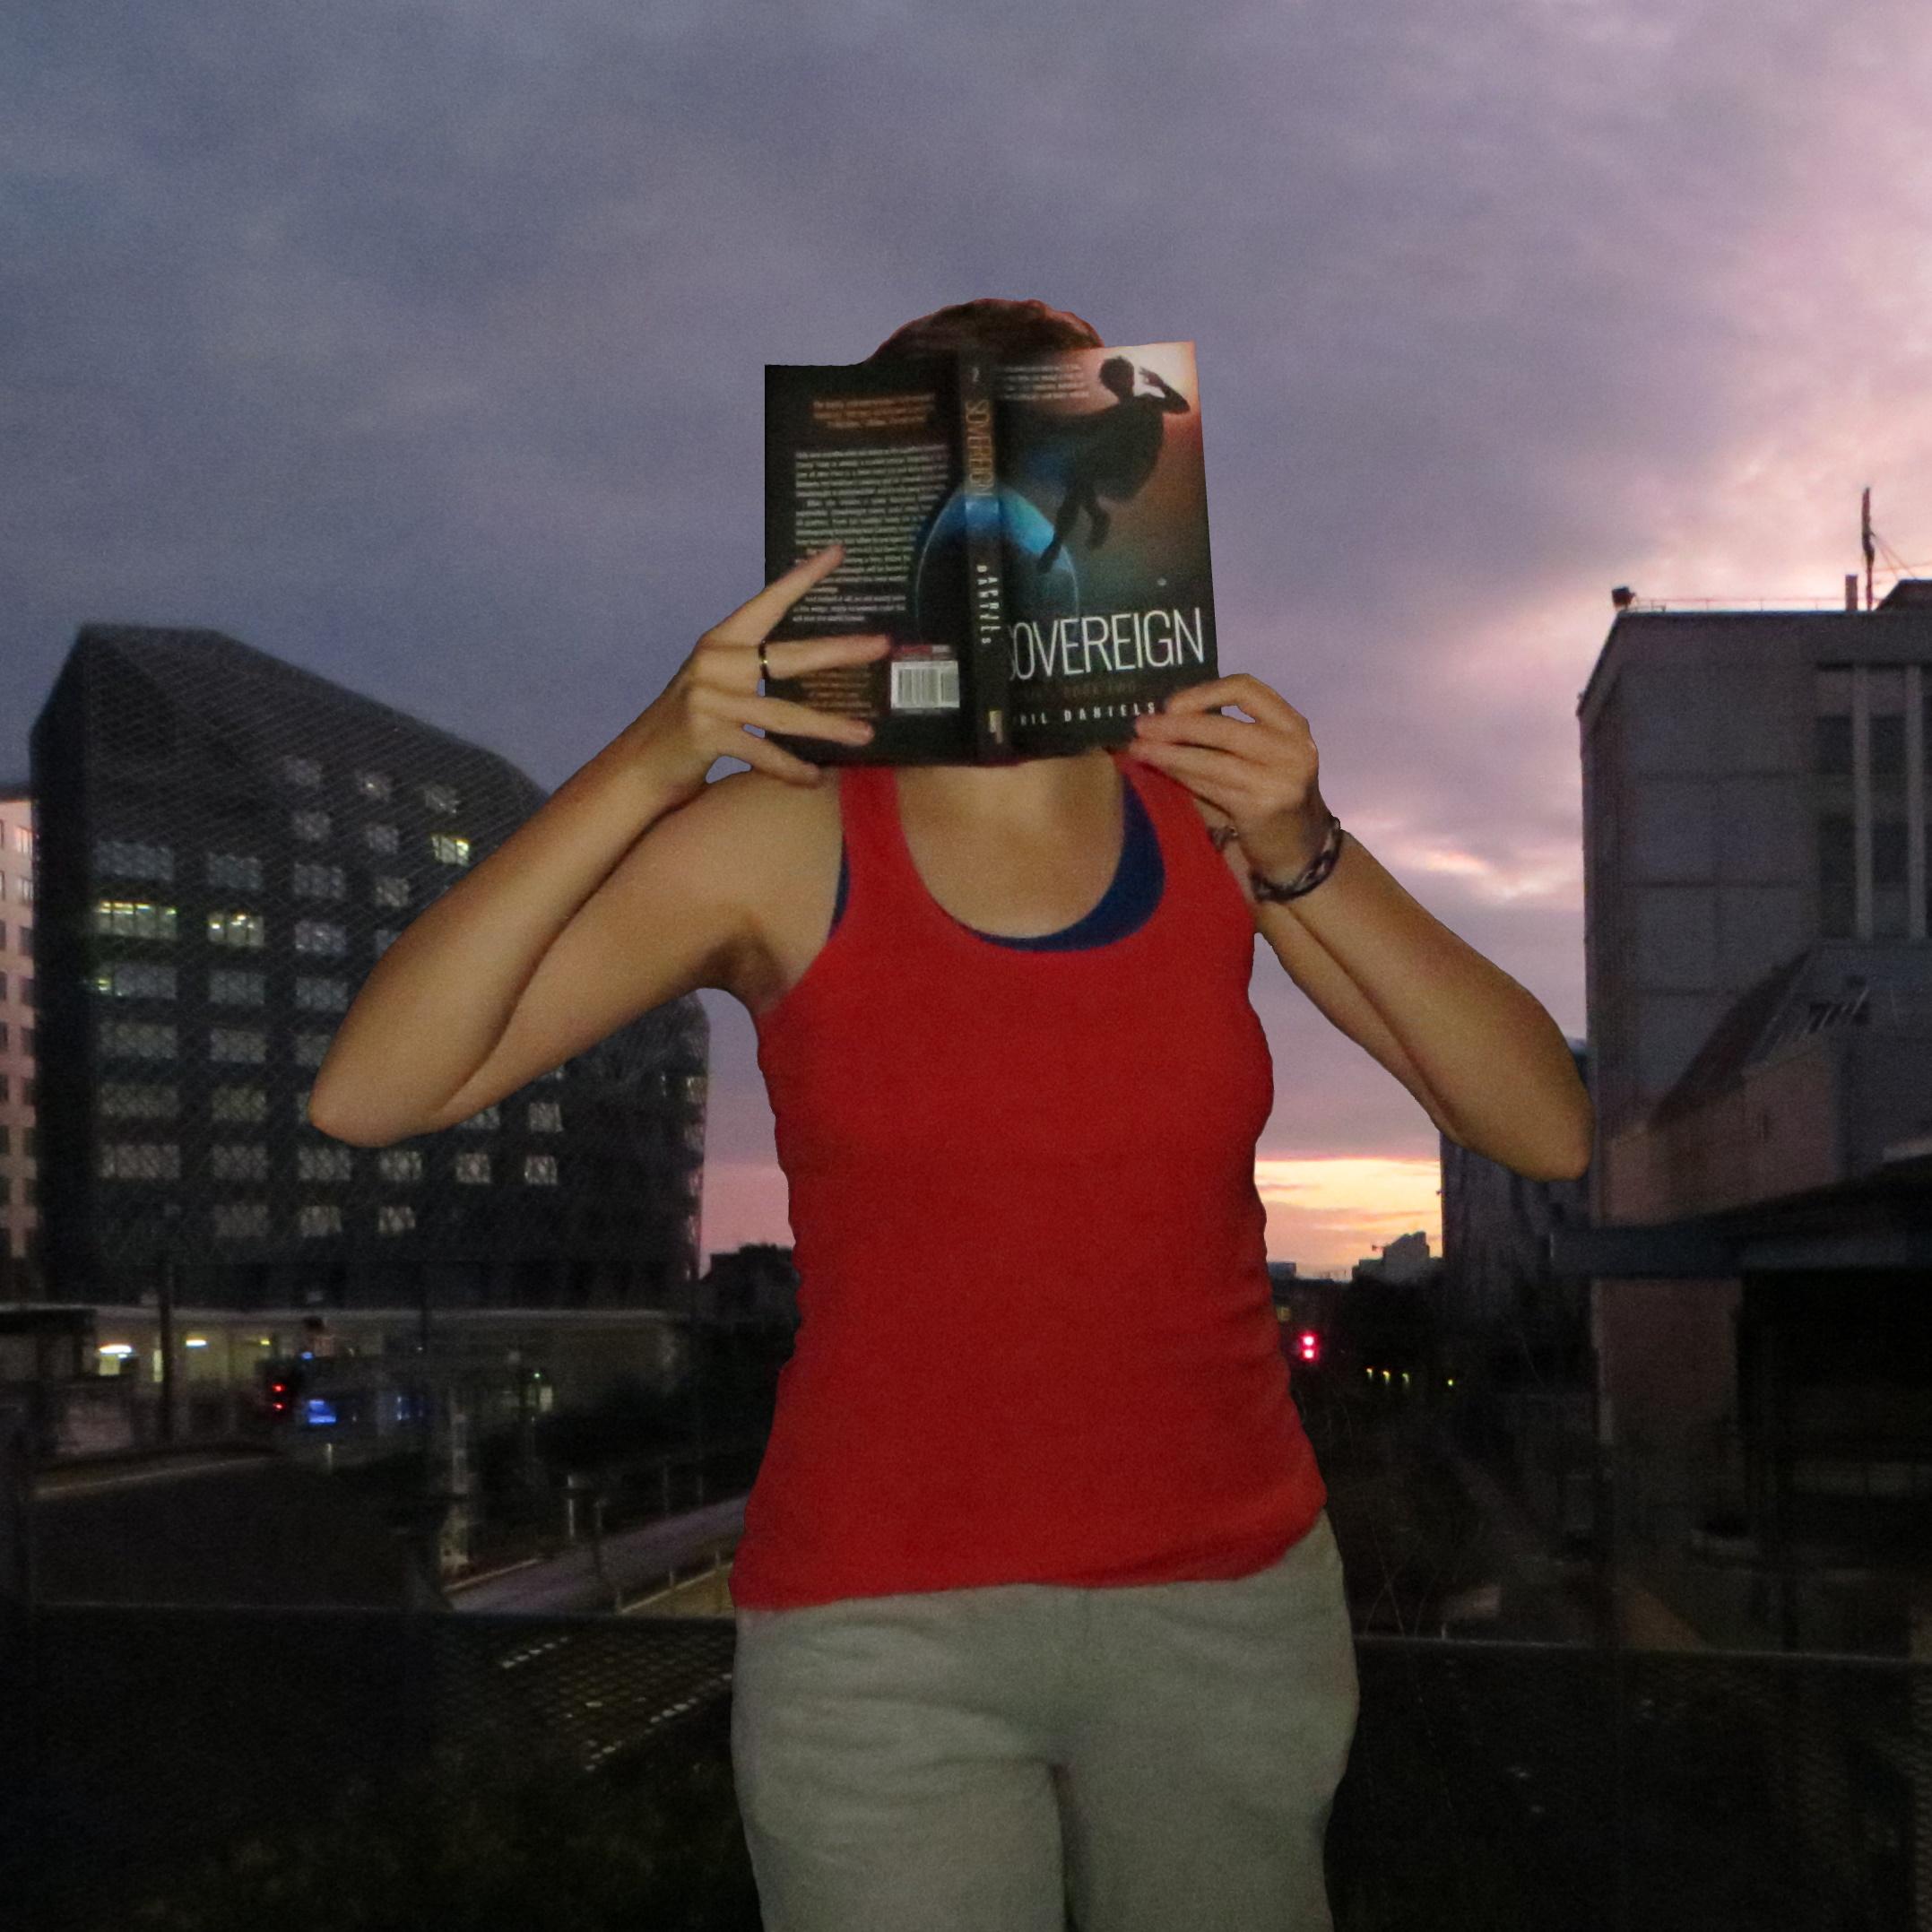 personne en débardeur rouge lisant Sovereign d'April Daniels devant des rails, le soleil se couche